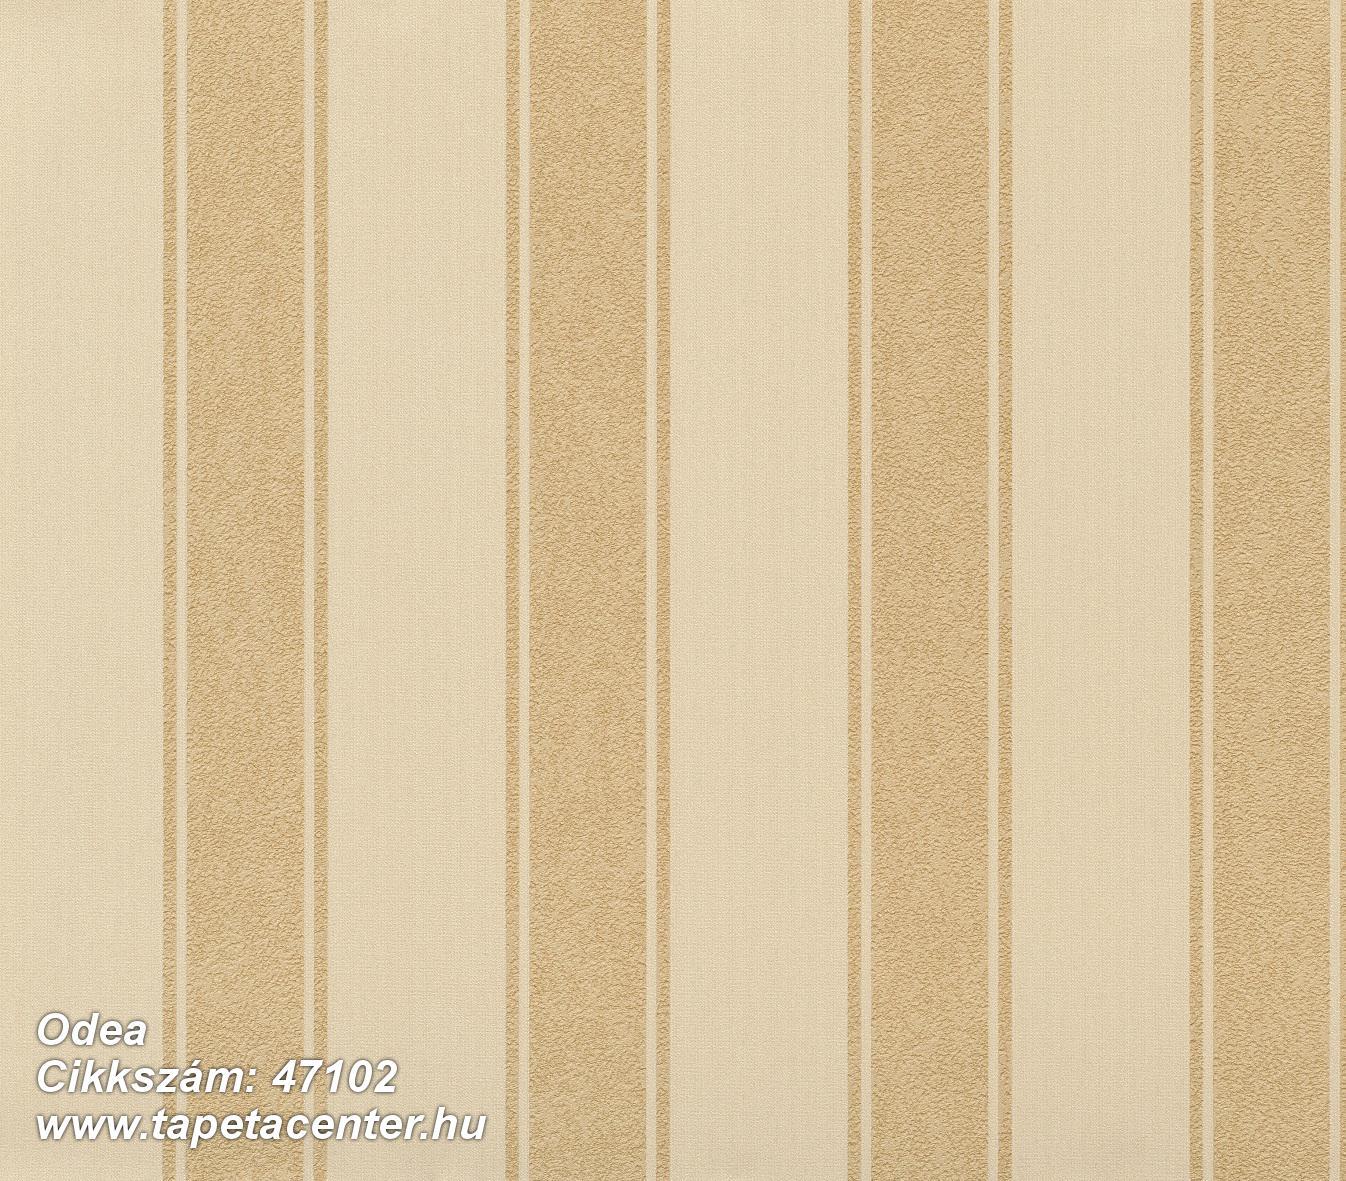 Csíkos,különleges felületű,textil hatású,arany,bézs-drapp,súrolható,illesztés mentes,vlies tapéta